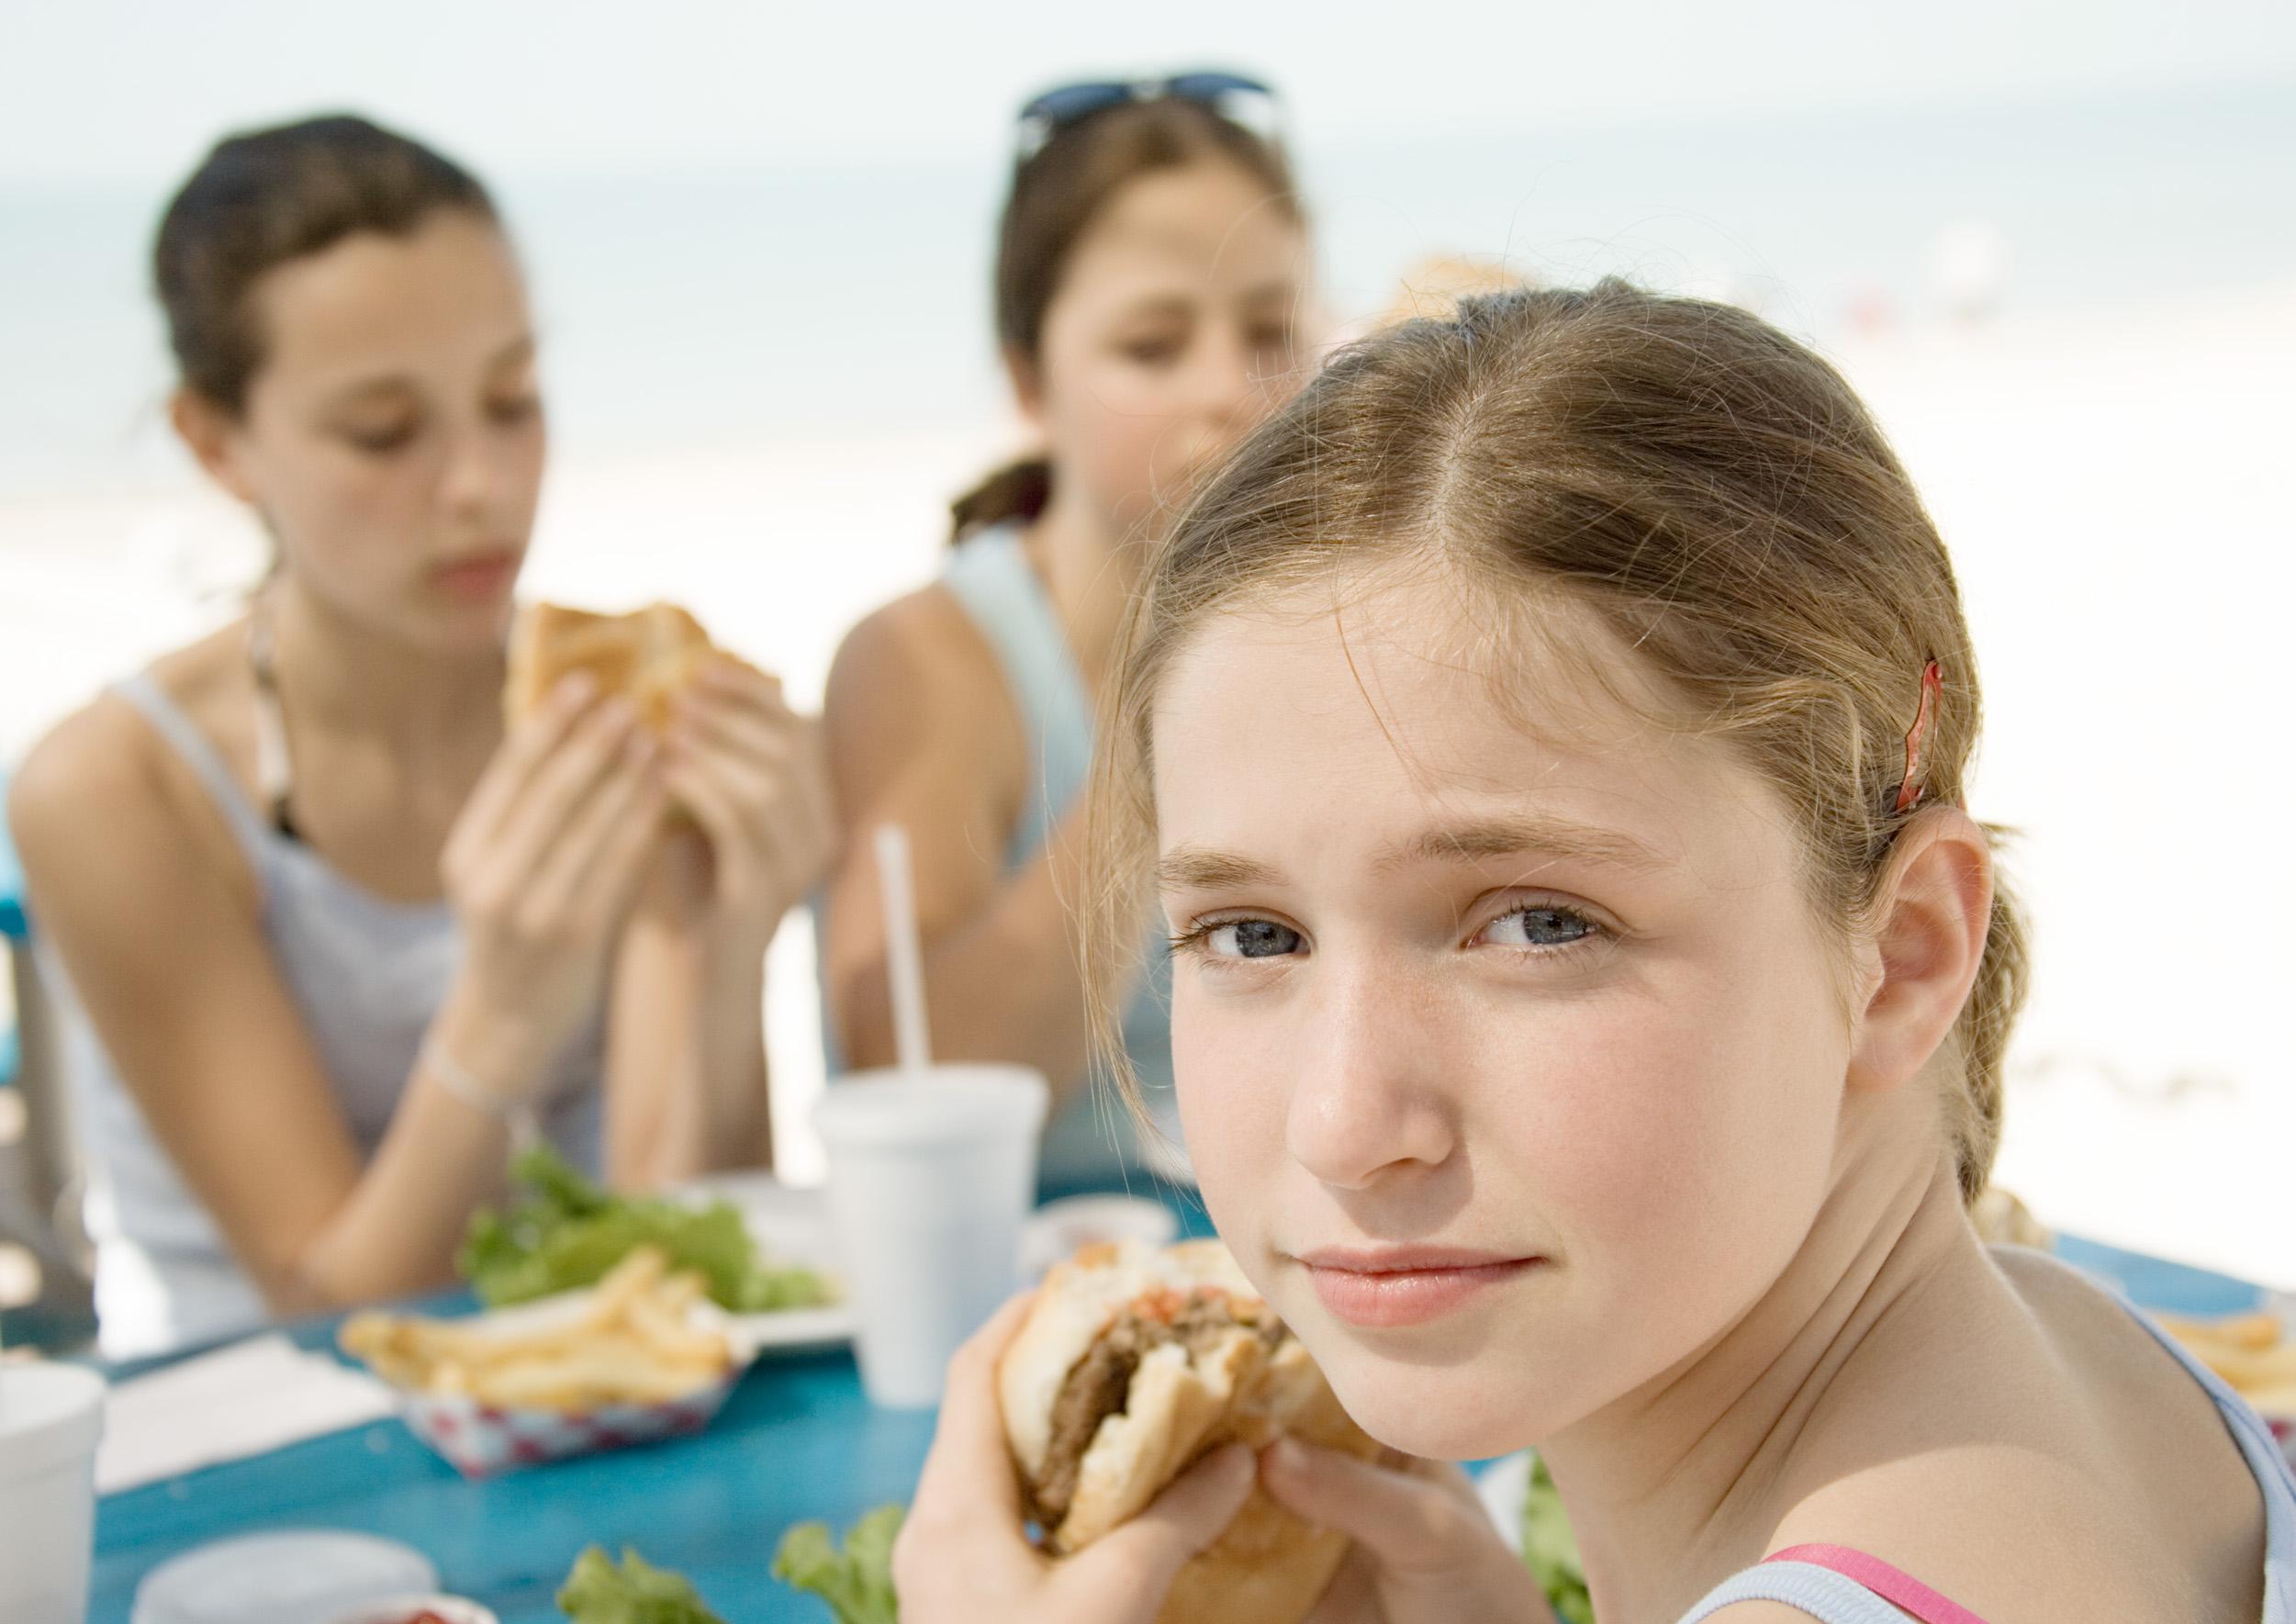 Hver fjerde pige i 9. klasse har risiko for en spiseforstyrrelse | Lev nu | DR